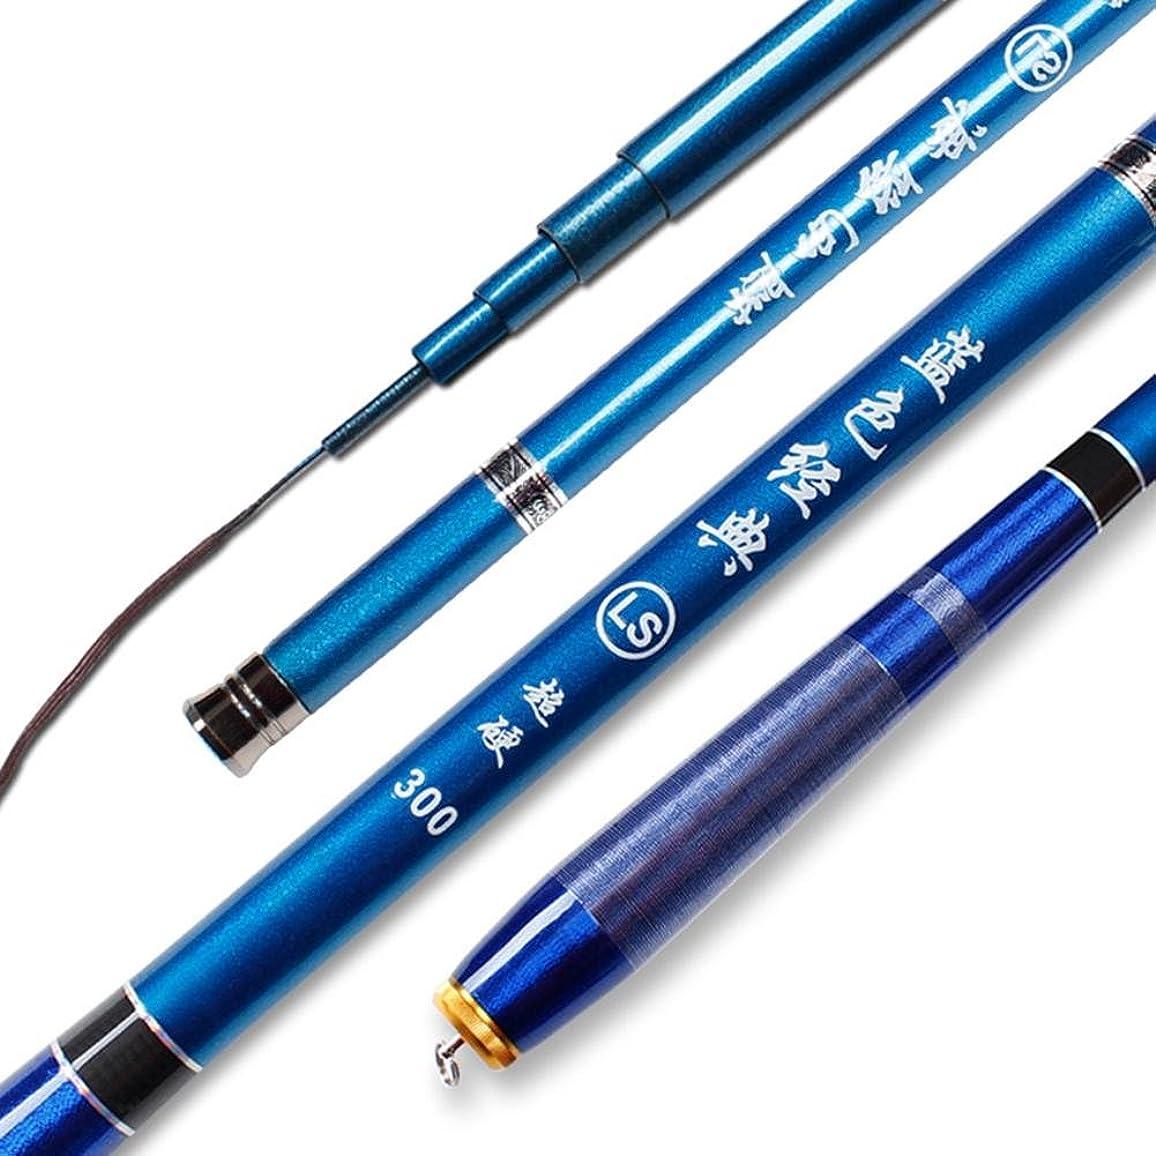 医療過誤机ハイジャック渓流竿 釣り竿hjuns-Wu 超軽量 超硬質高炭素超短ストリーム釣竿ミニ釣1.8M,2.1M,2.4M,2.7M,3M,3.6M,4.5M